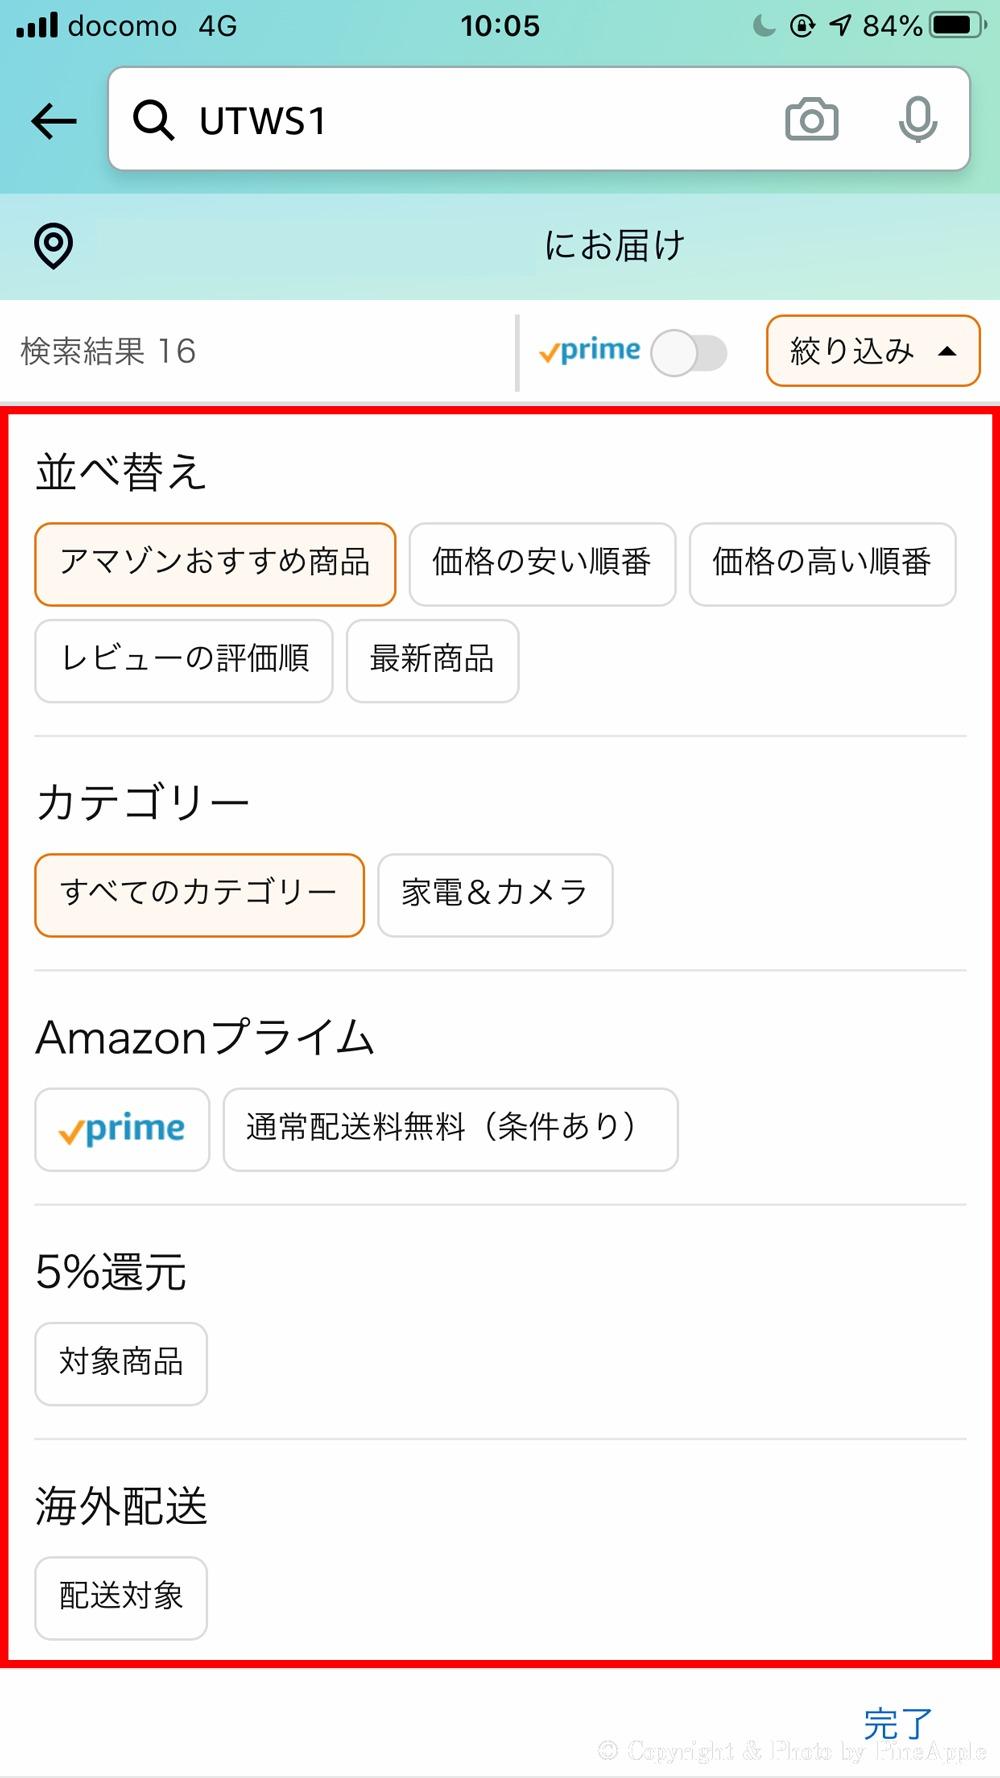 Amazon ショッピングアプリ:「アマゾンおすすめ商品」および「すべてのカテゴリー」が選択